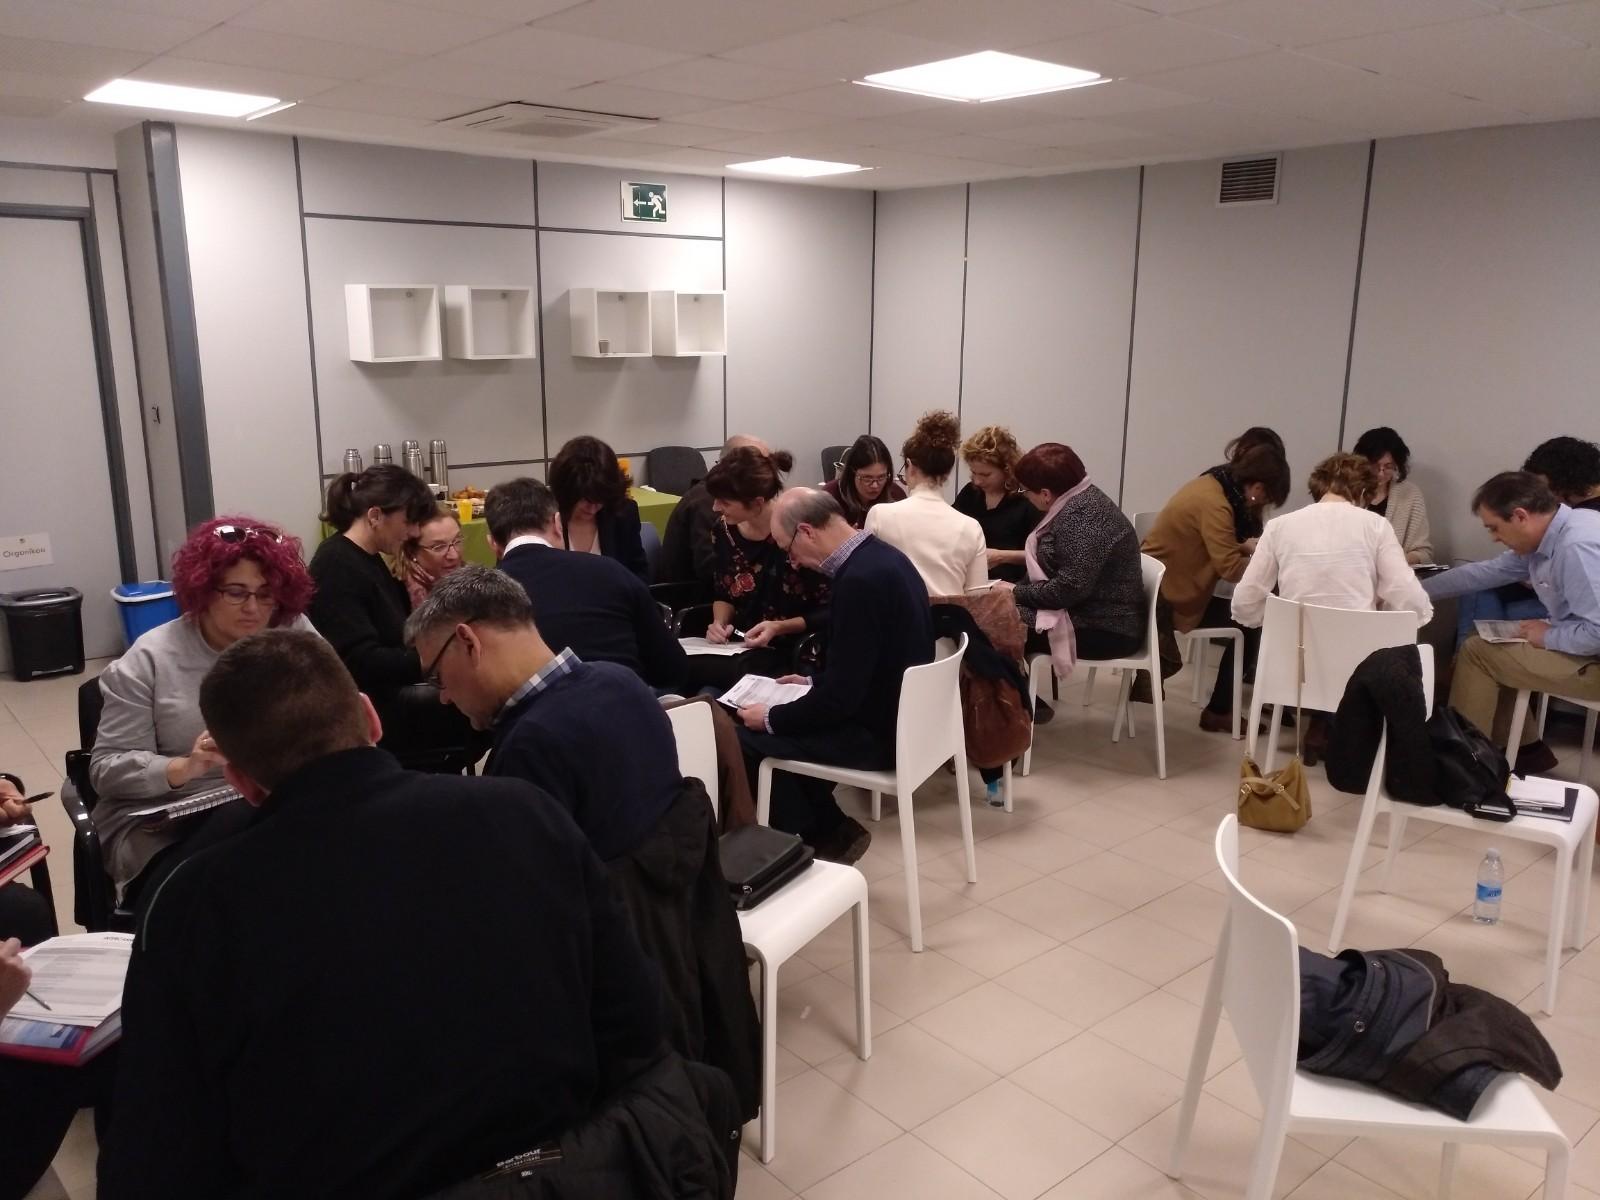 Imágenes de las sesiones de formación realizadas entre agentes del Ekosistema Adinberri